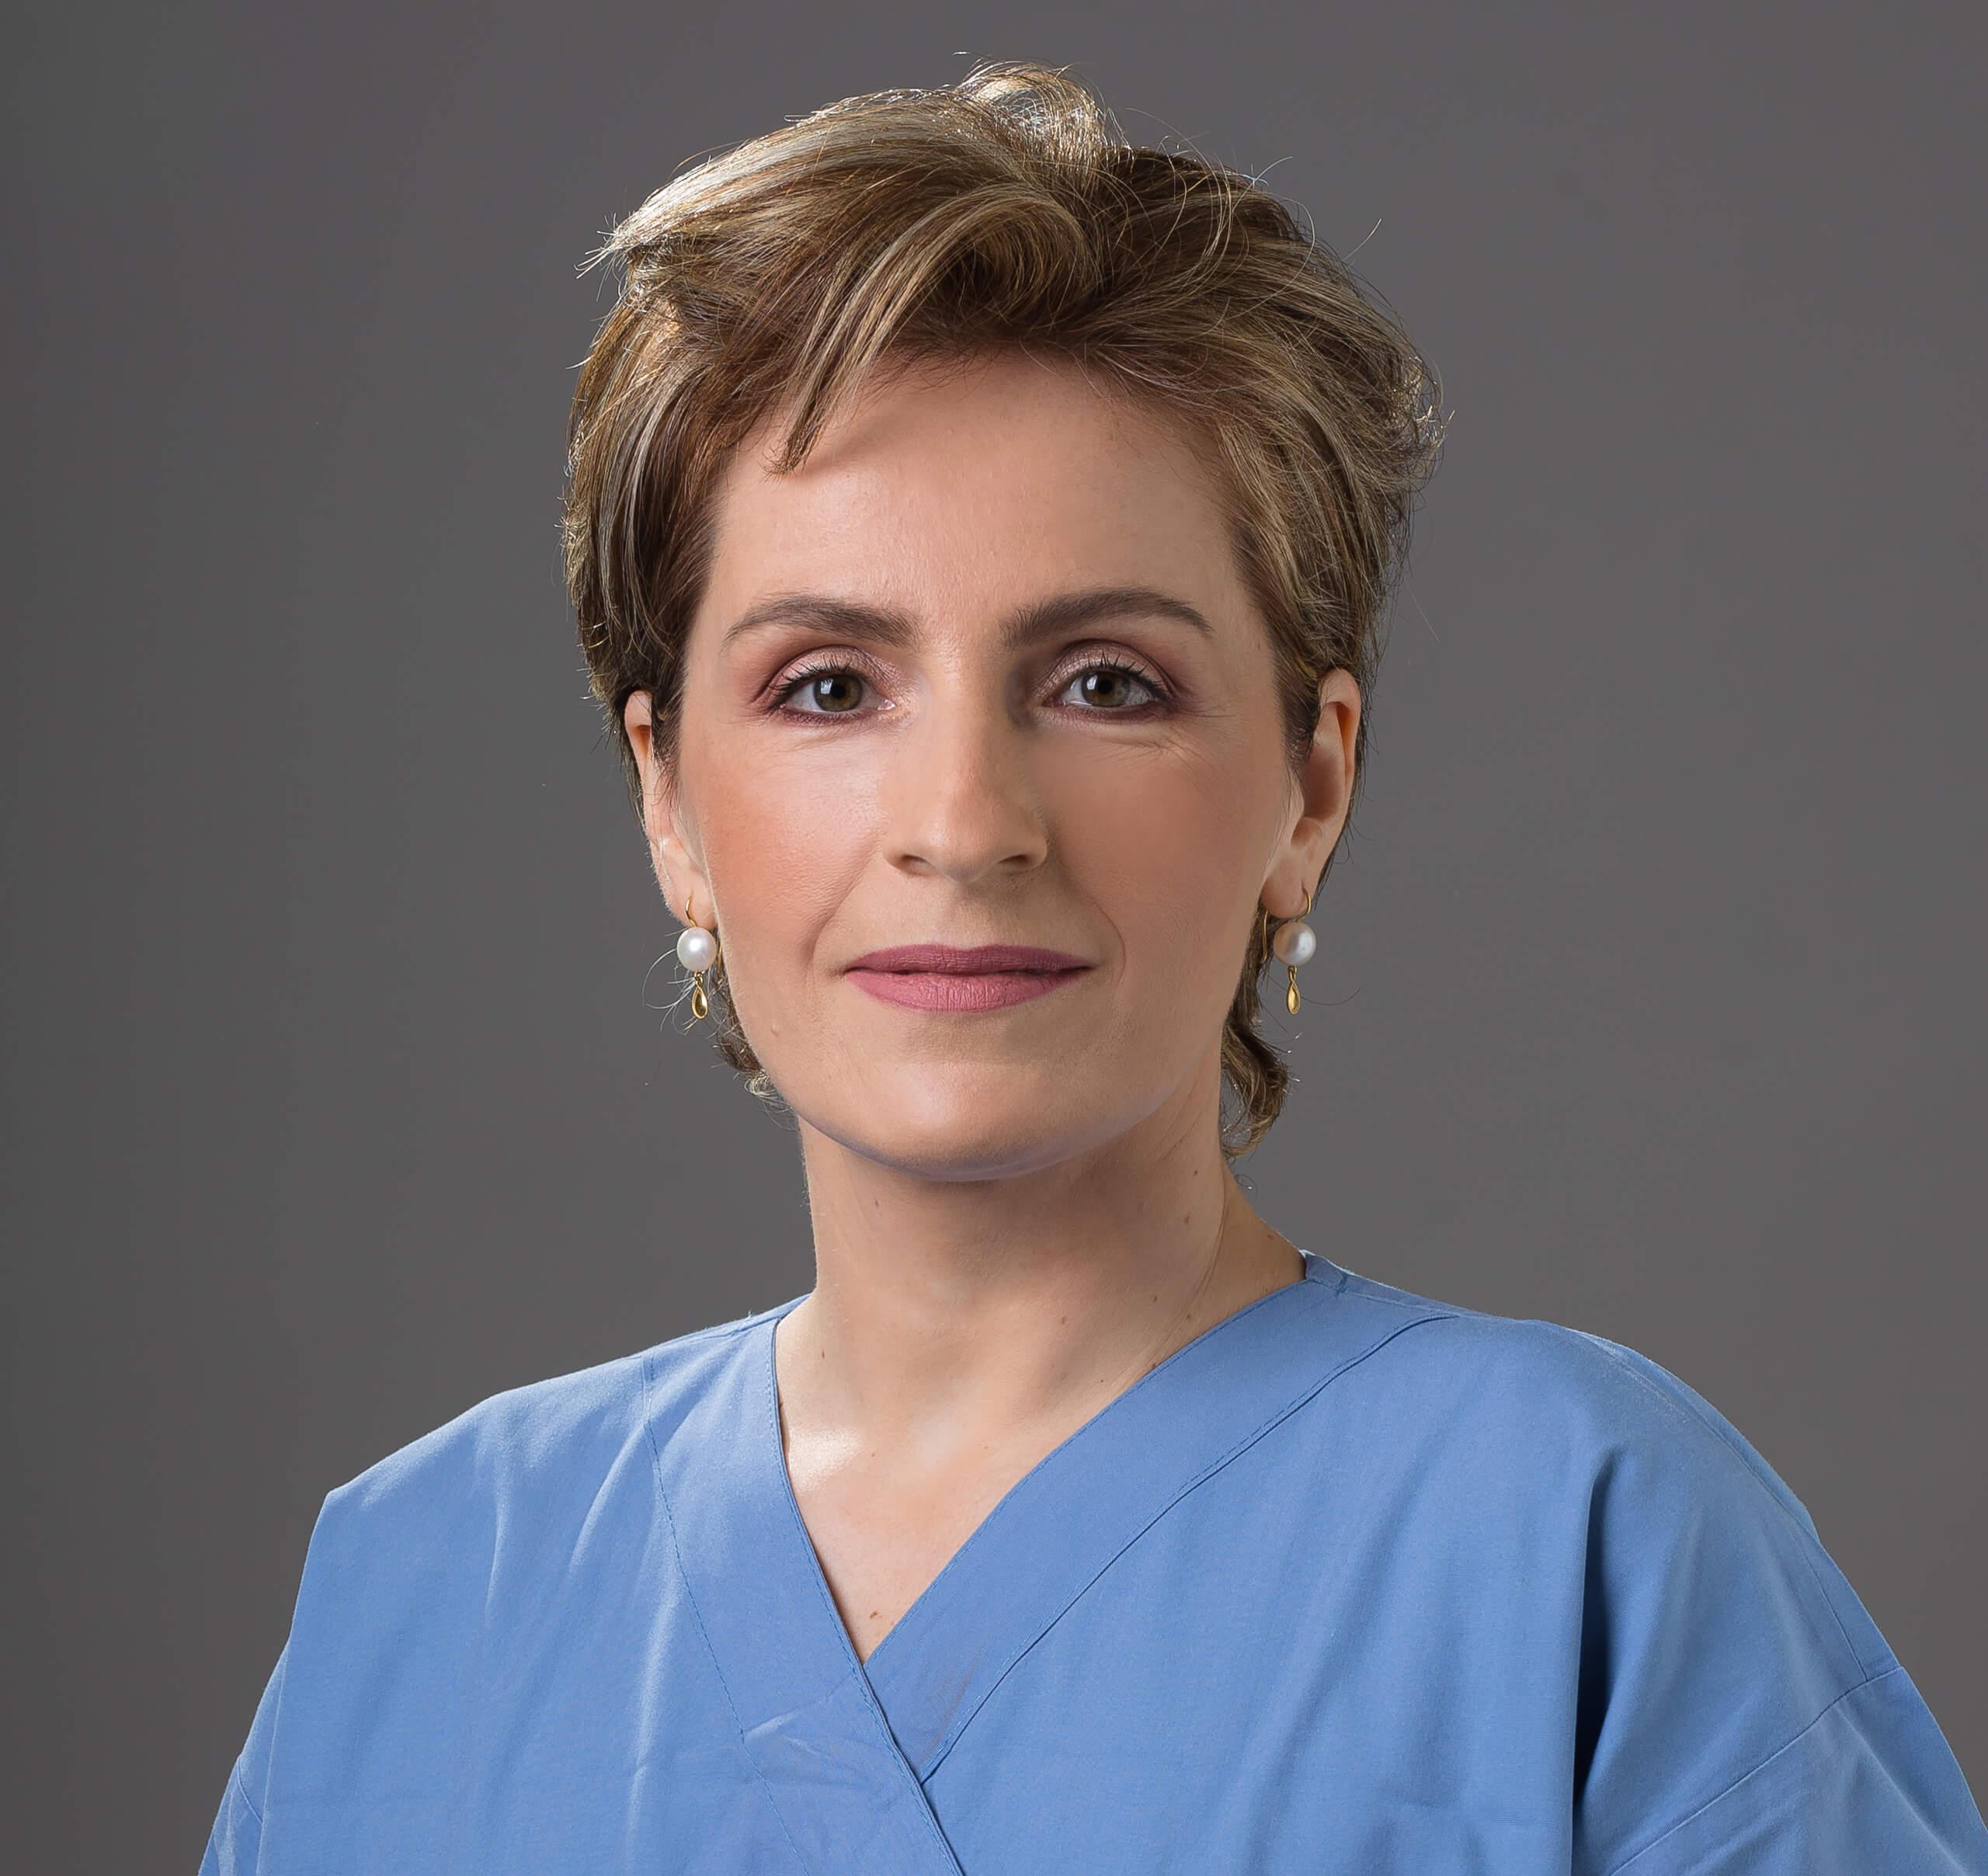 Φωτογραφία της χειρουργού Μαρίας Δημητρίεφ